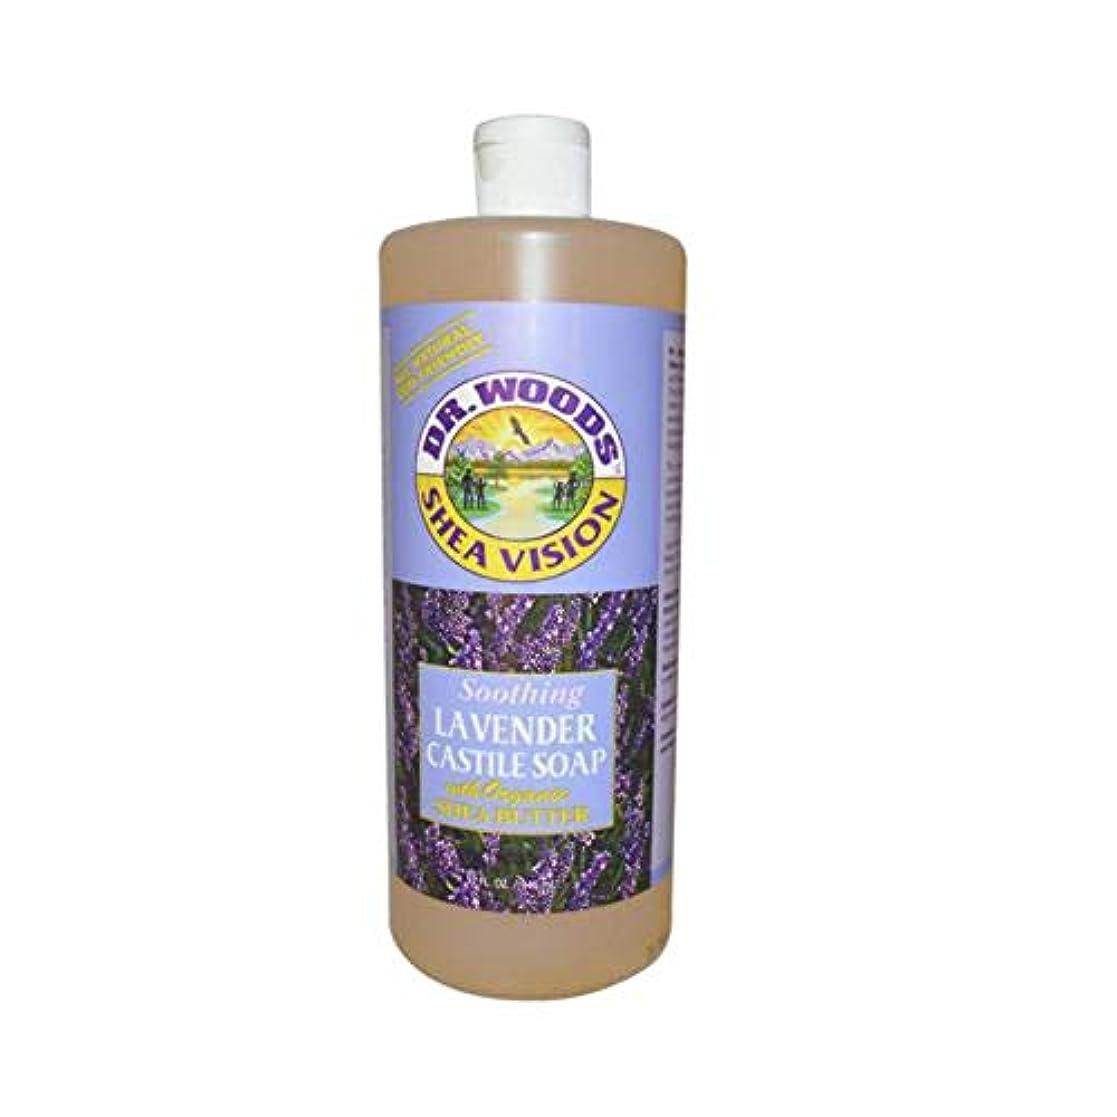 カウンタ言い訳枕Dr. Woods, Shea Vision, Soothing Lavender Castile Soap, 32 fl oz (946 ml)